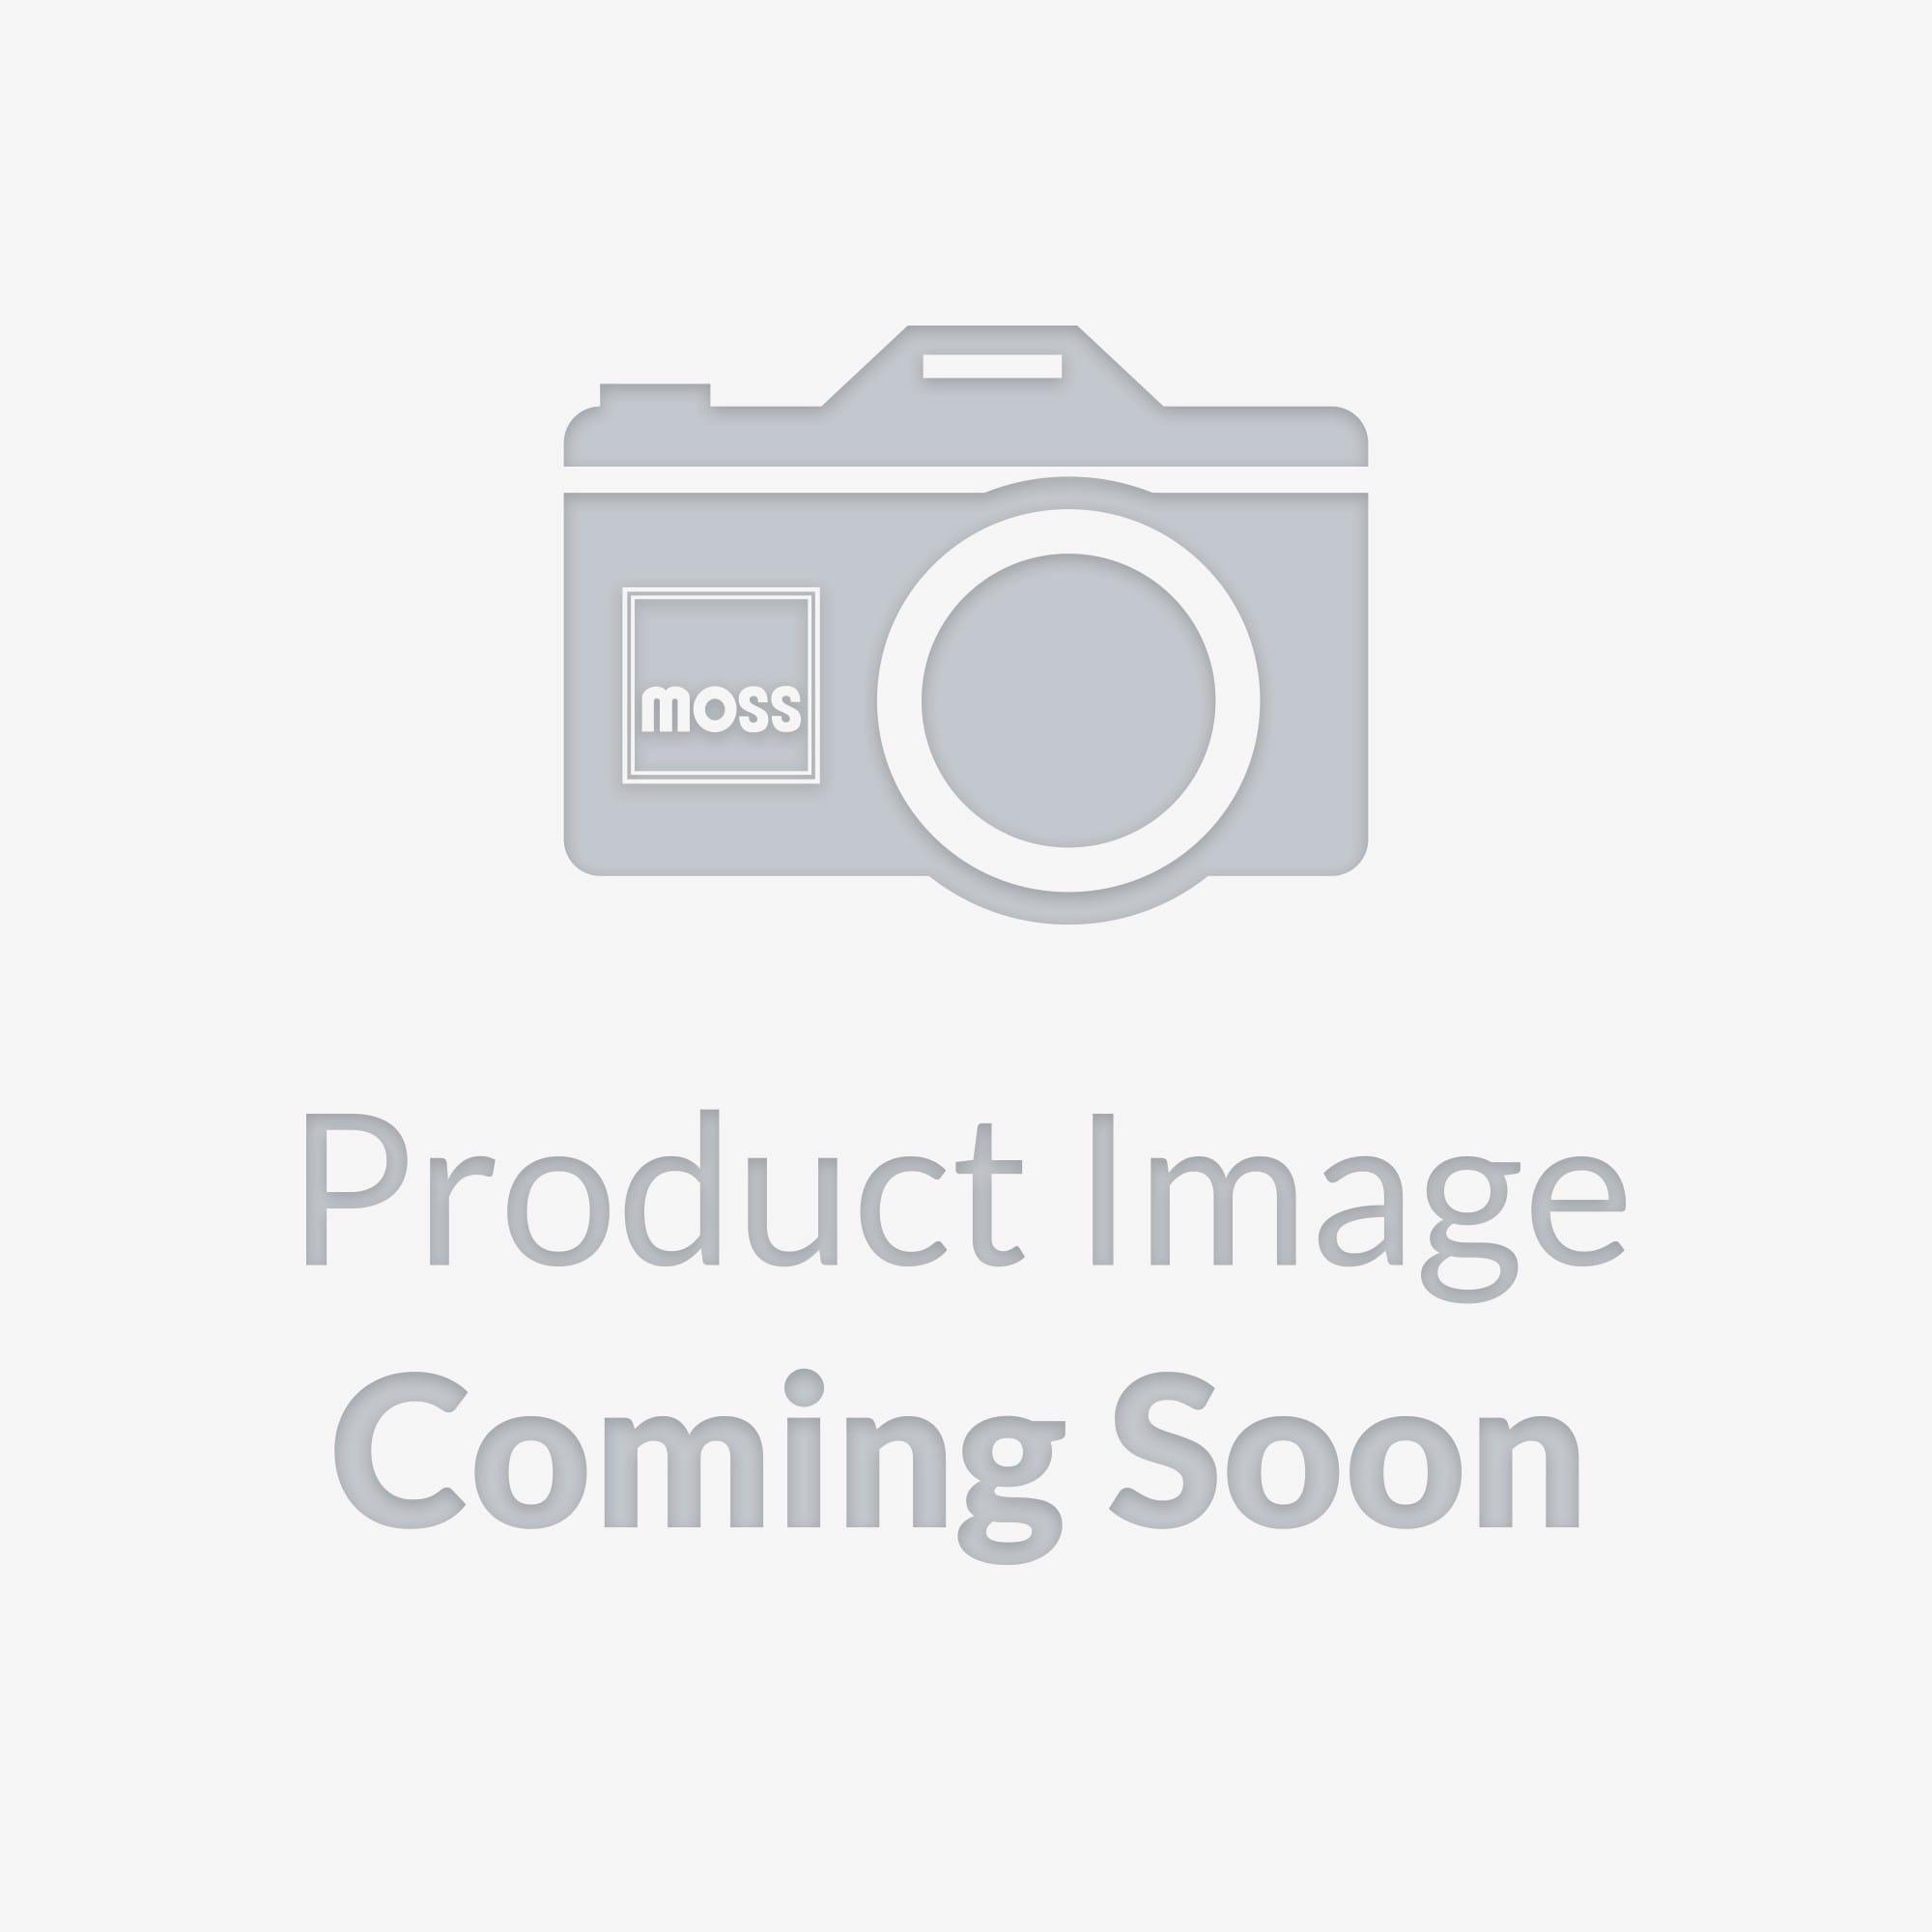 mg midget fuel filter